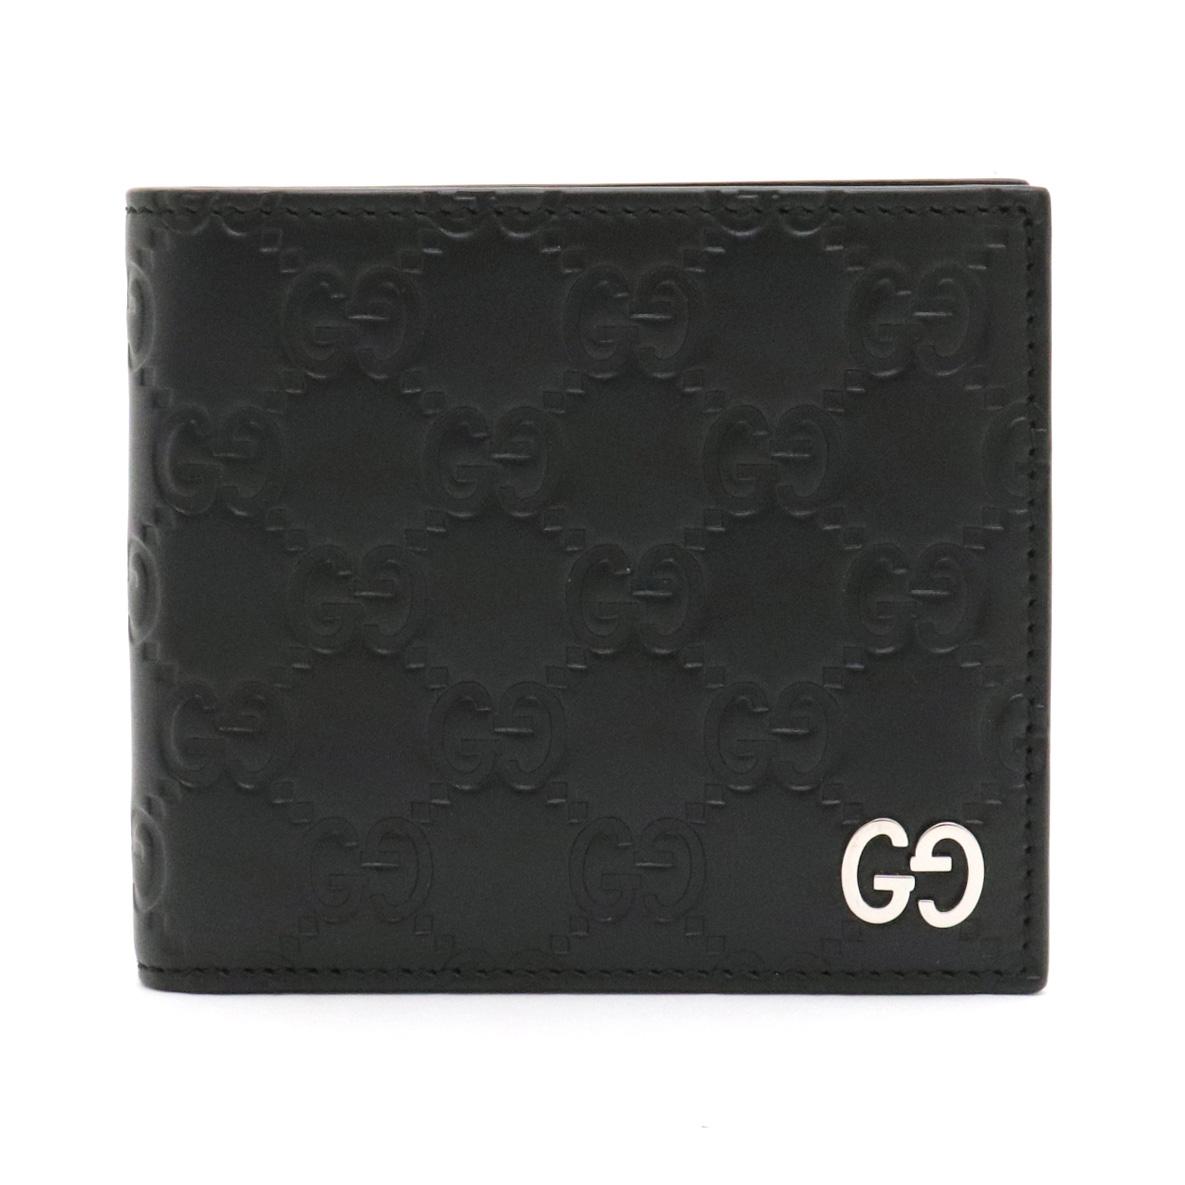 【財布】GUCCI グッチ グッチシマ ドリアン 2つ折財布 二つ折り ロゴ レザー ブラック 黒 シルバー金具 473922 【中古】